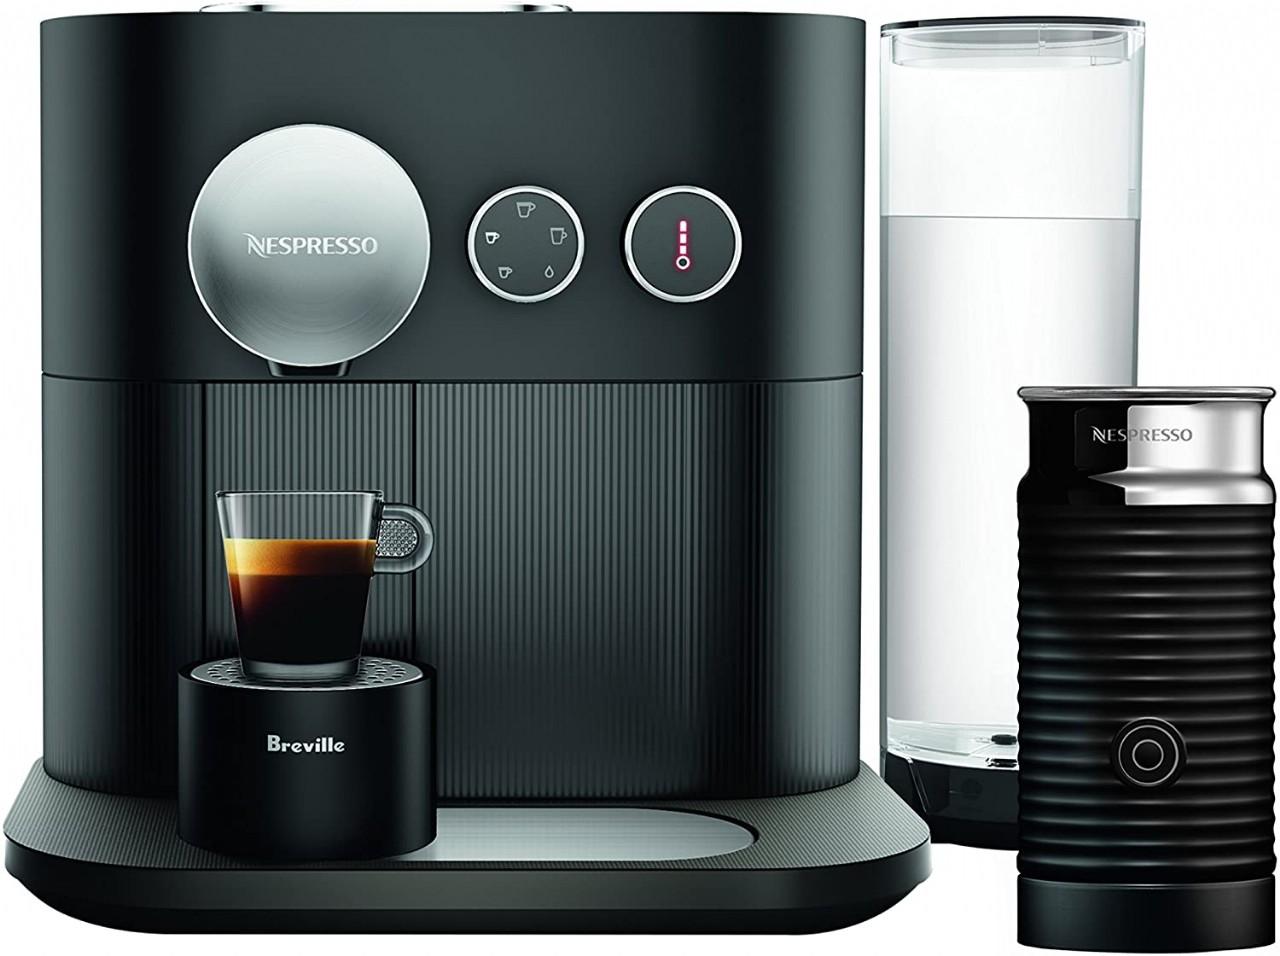 Breville-Nespresso USA Nespresso Expert by Breville with Aeroccino, Black Espresso & Coffee Maker